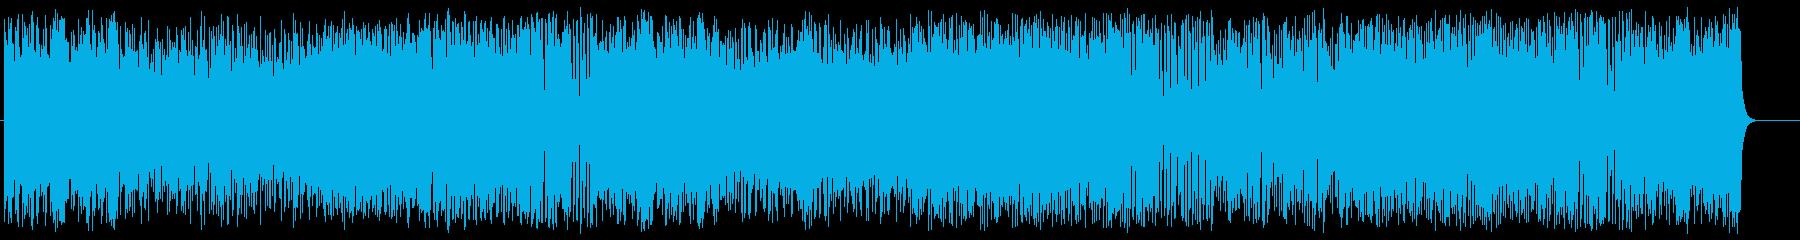 """期待を胸に""""ドキドキ""""飛び立つサウンドの再生済みの波形"""